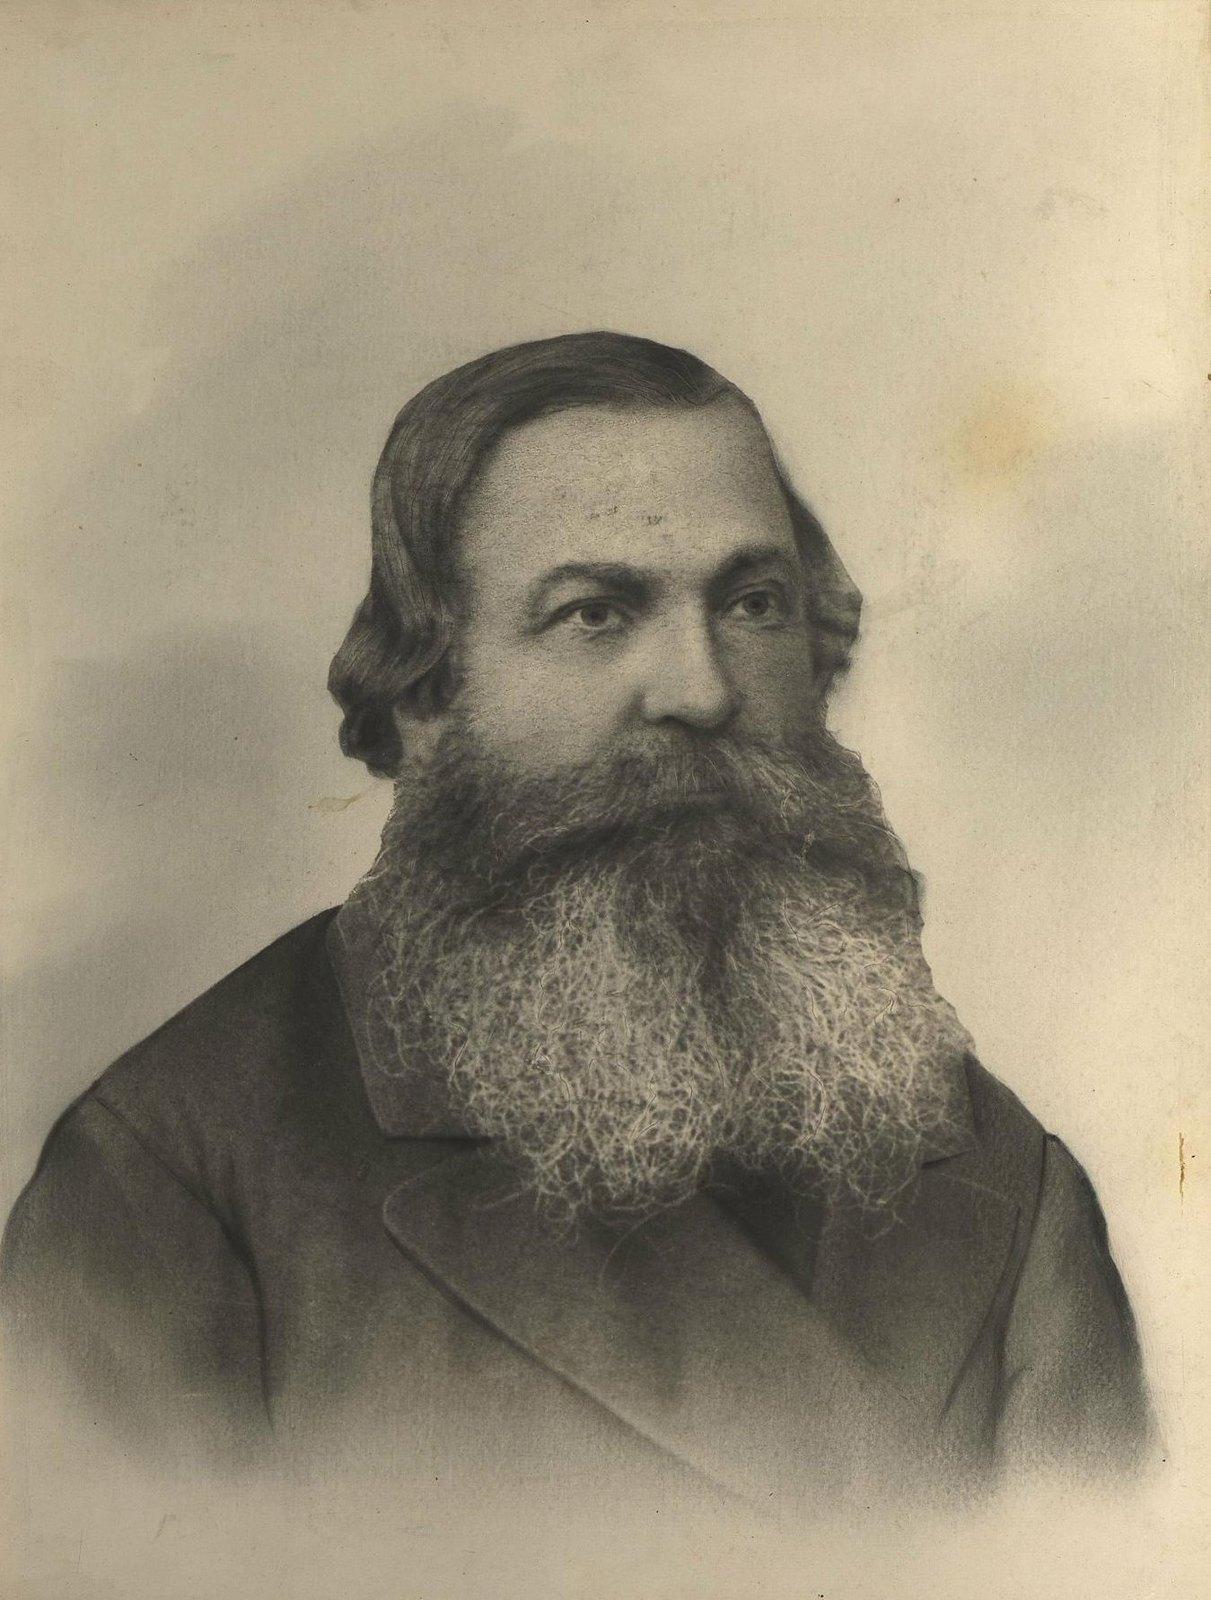 Талаев Евстафий Петрович, владелец мастерской жестяной игрушки в Дмитрове. 1902